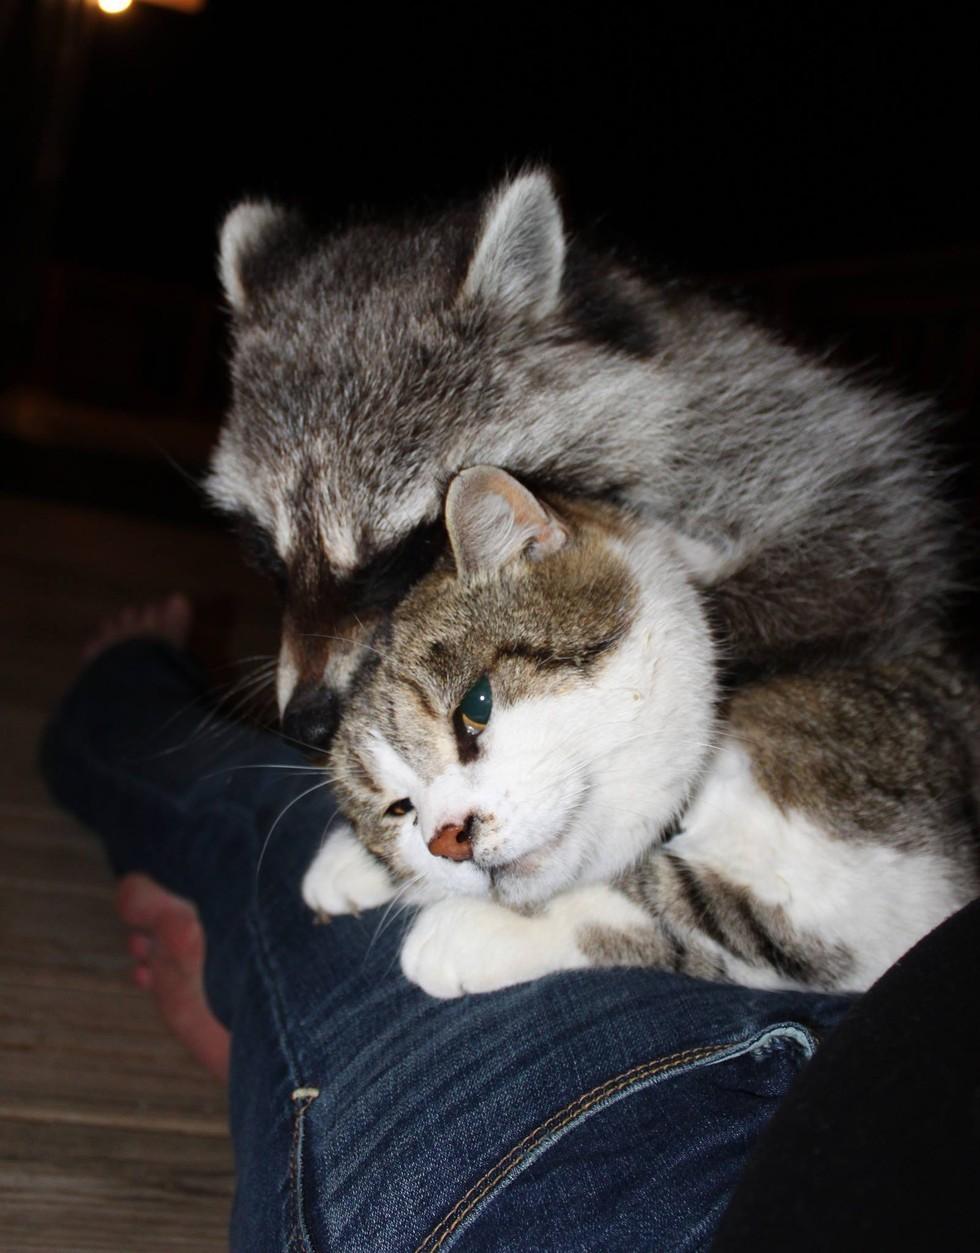 Macskája segítségével mentette meg az árva mosómedvét - képek